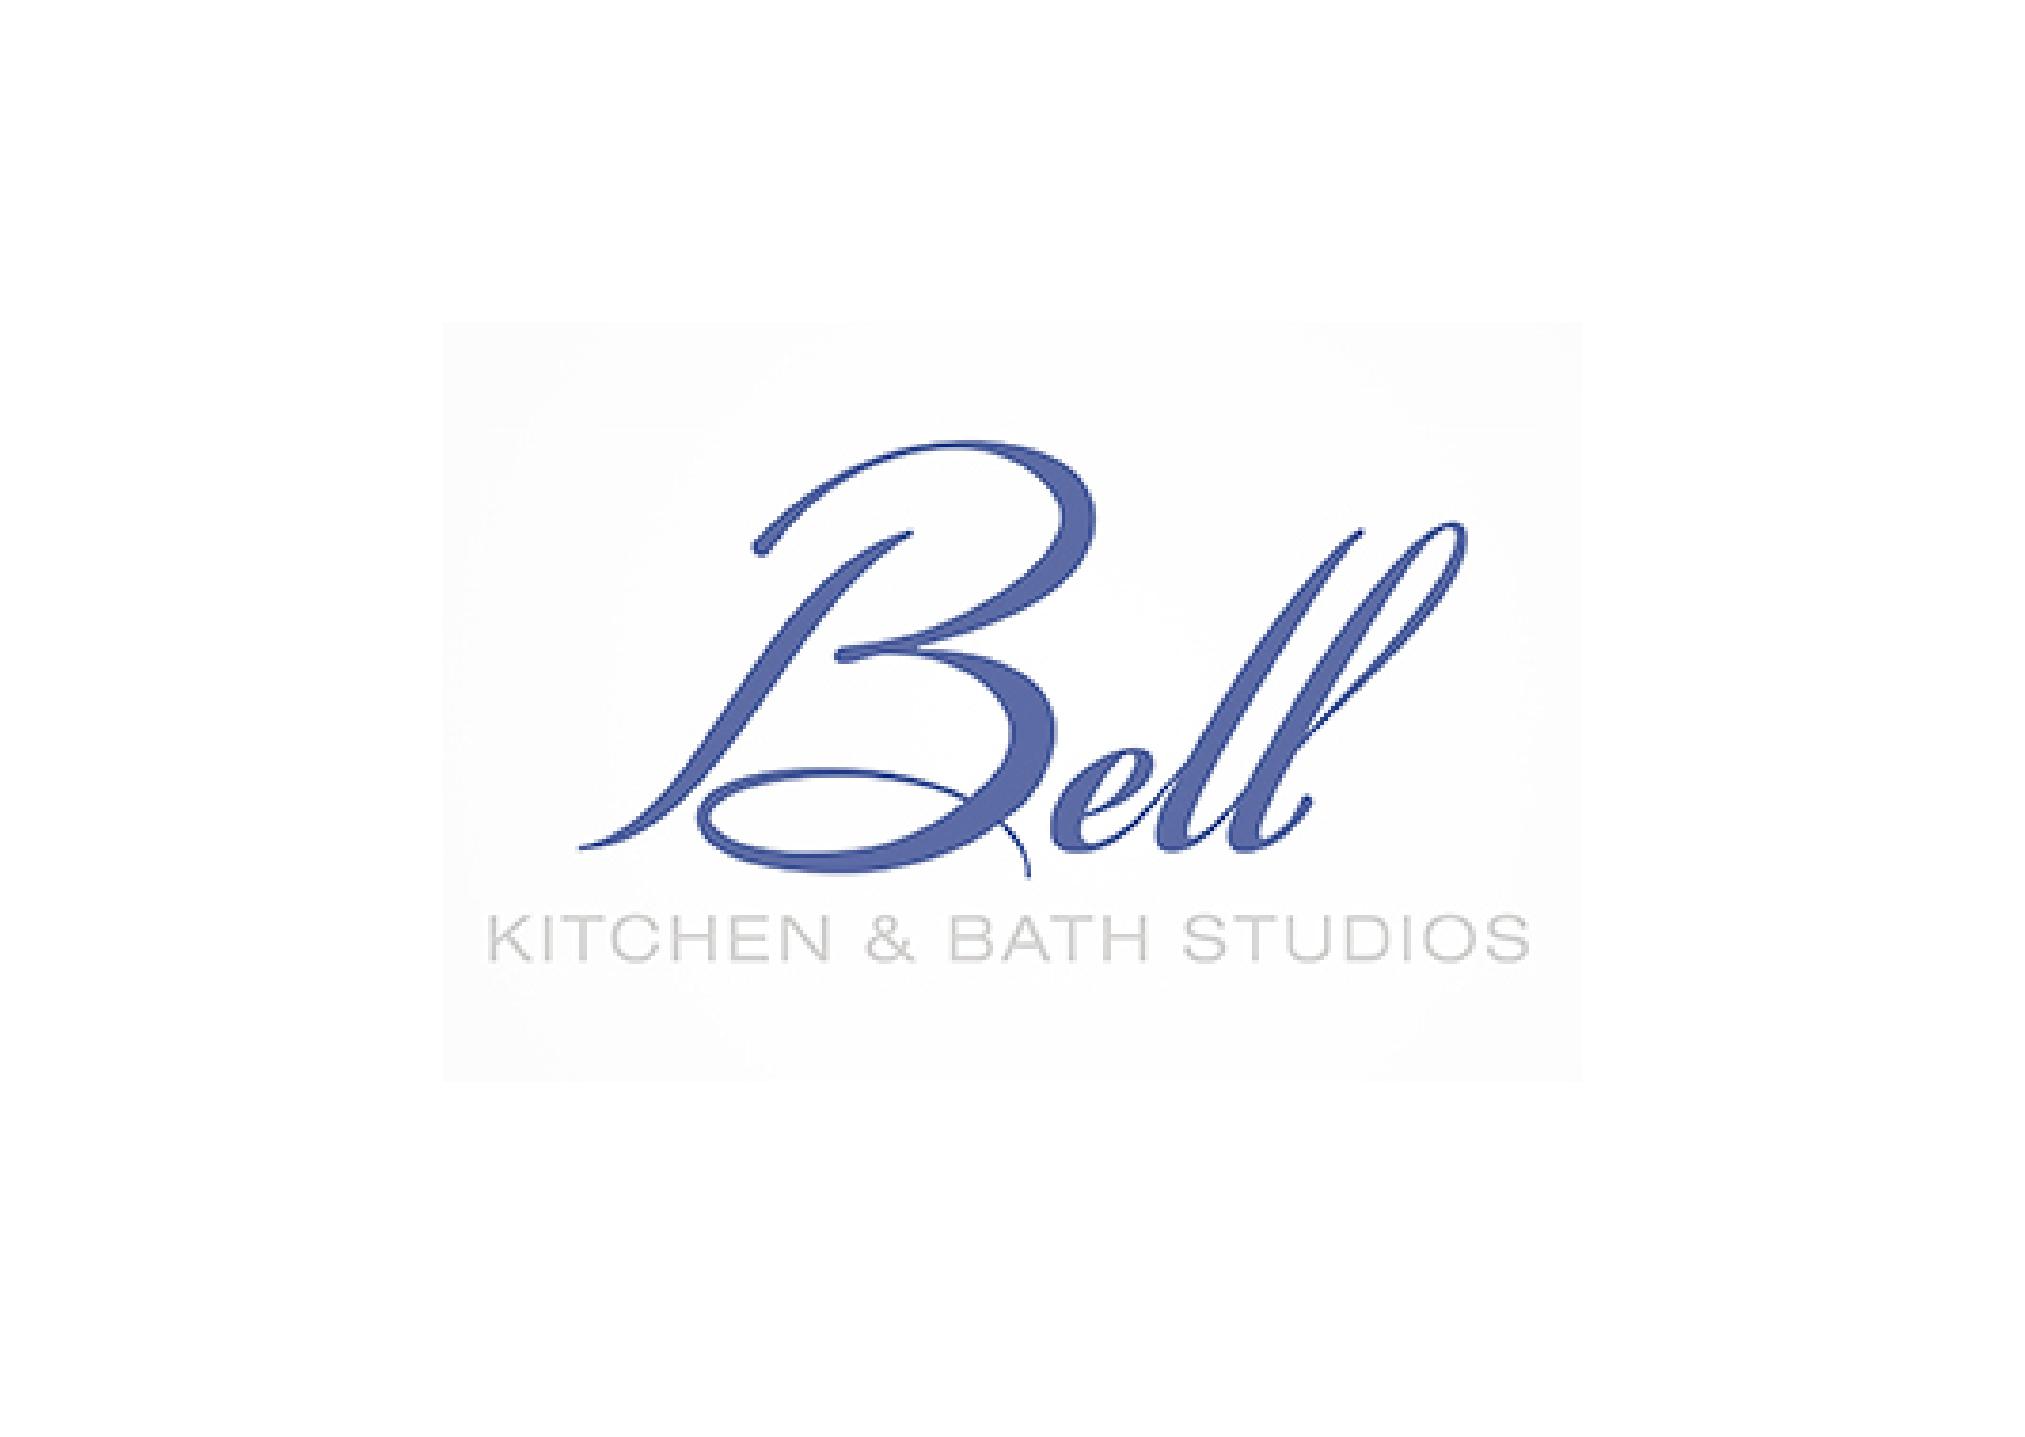 Bell Brandmark Before